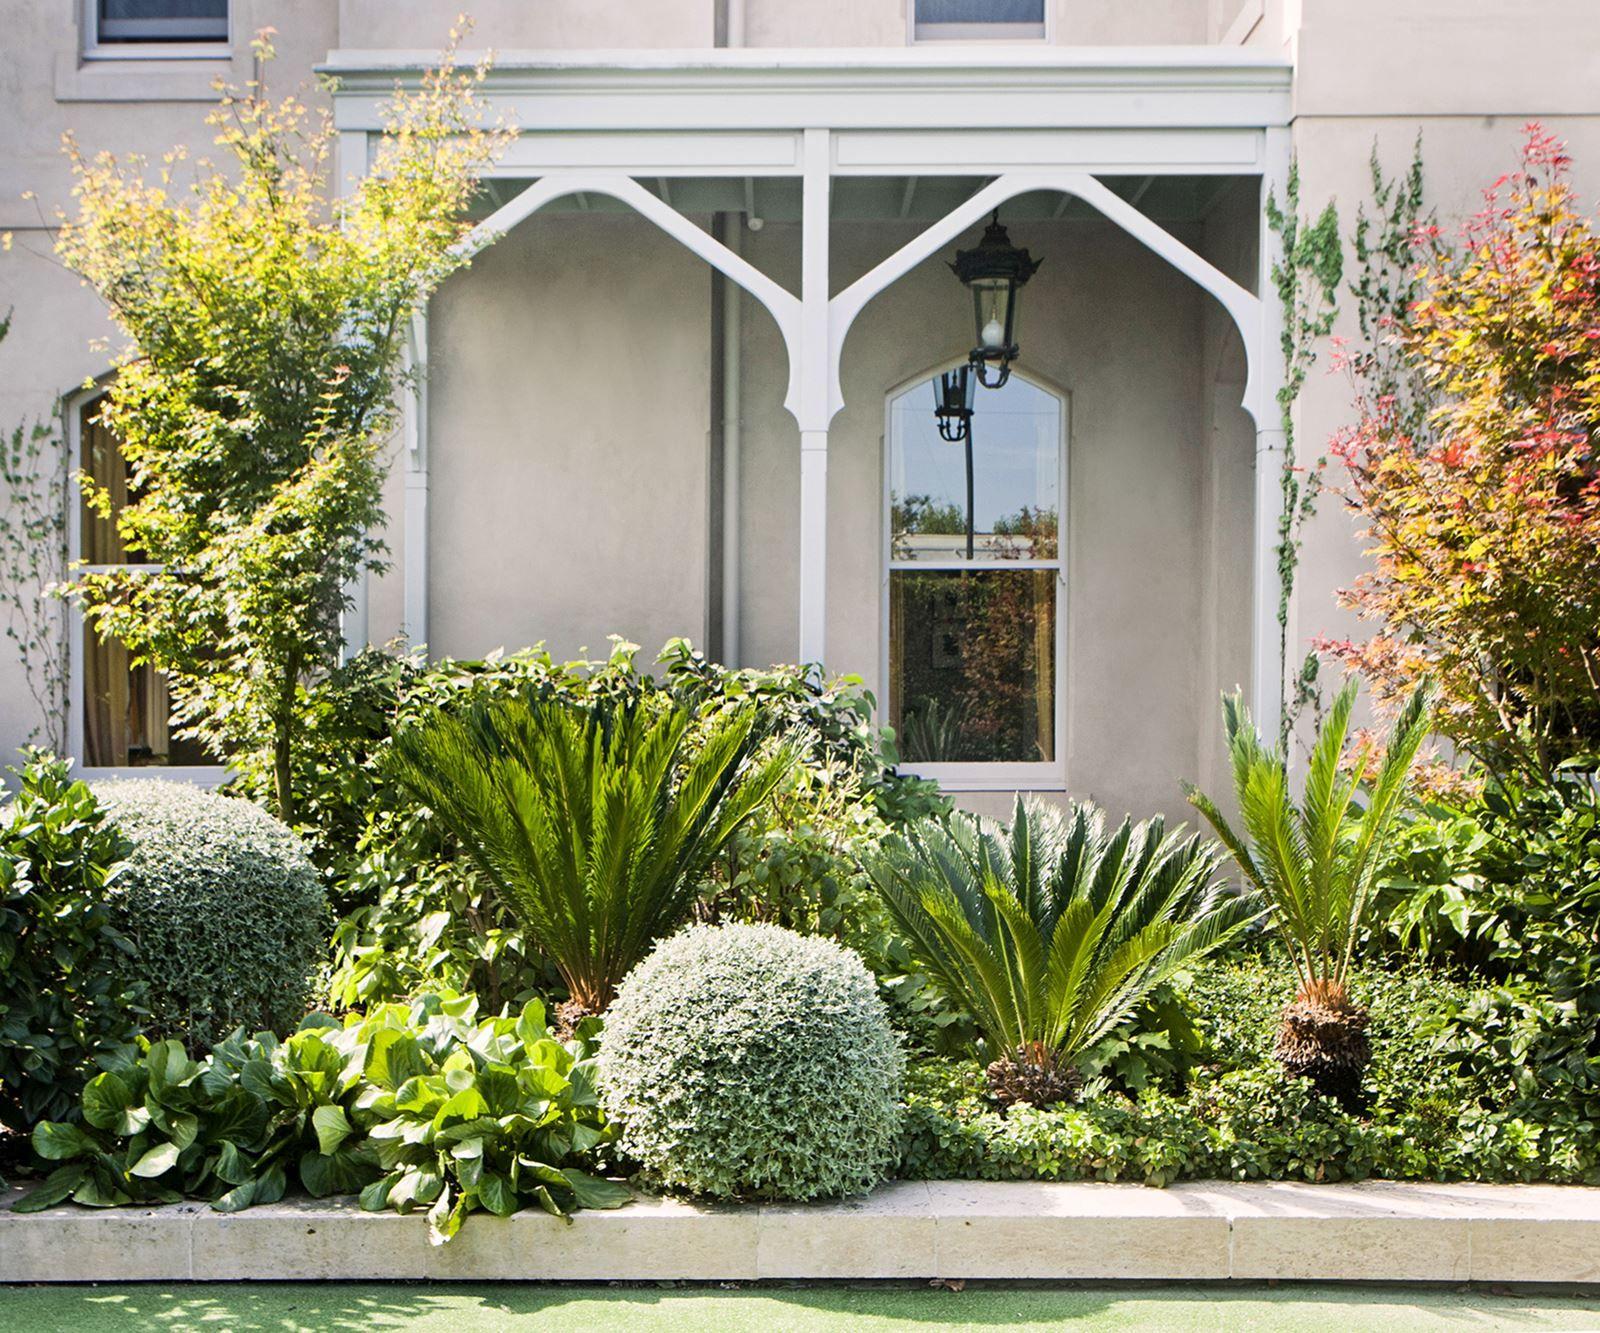 New home garden ideas  Gallery  Luxurious SubTropical Melbourne Garden  Garden